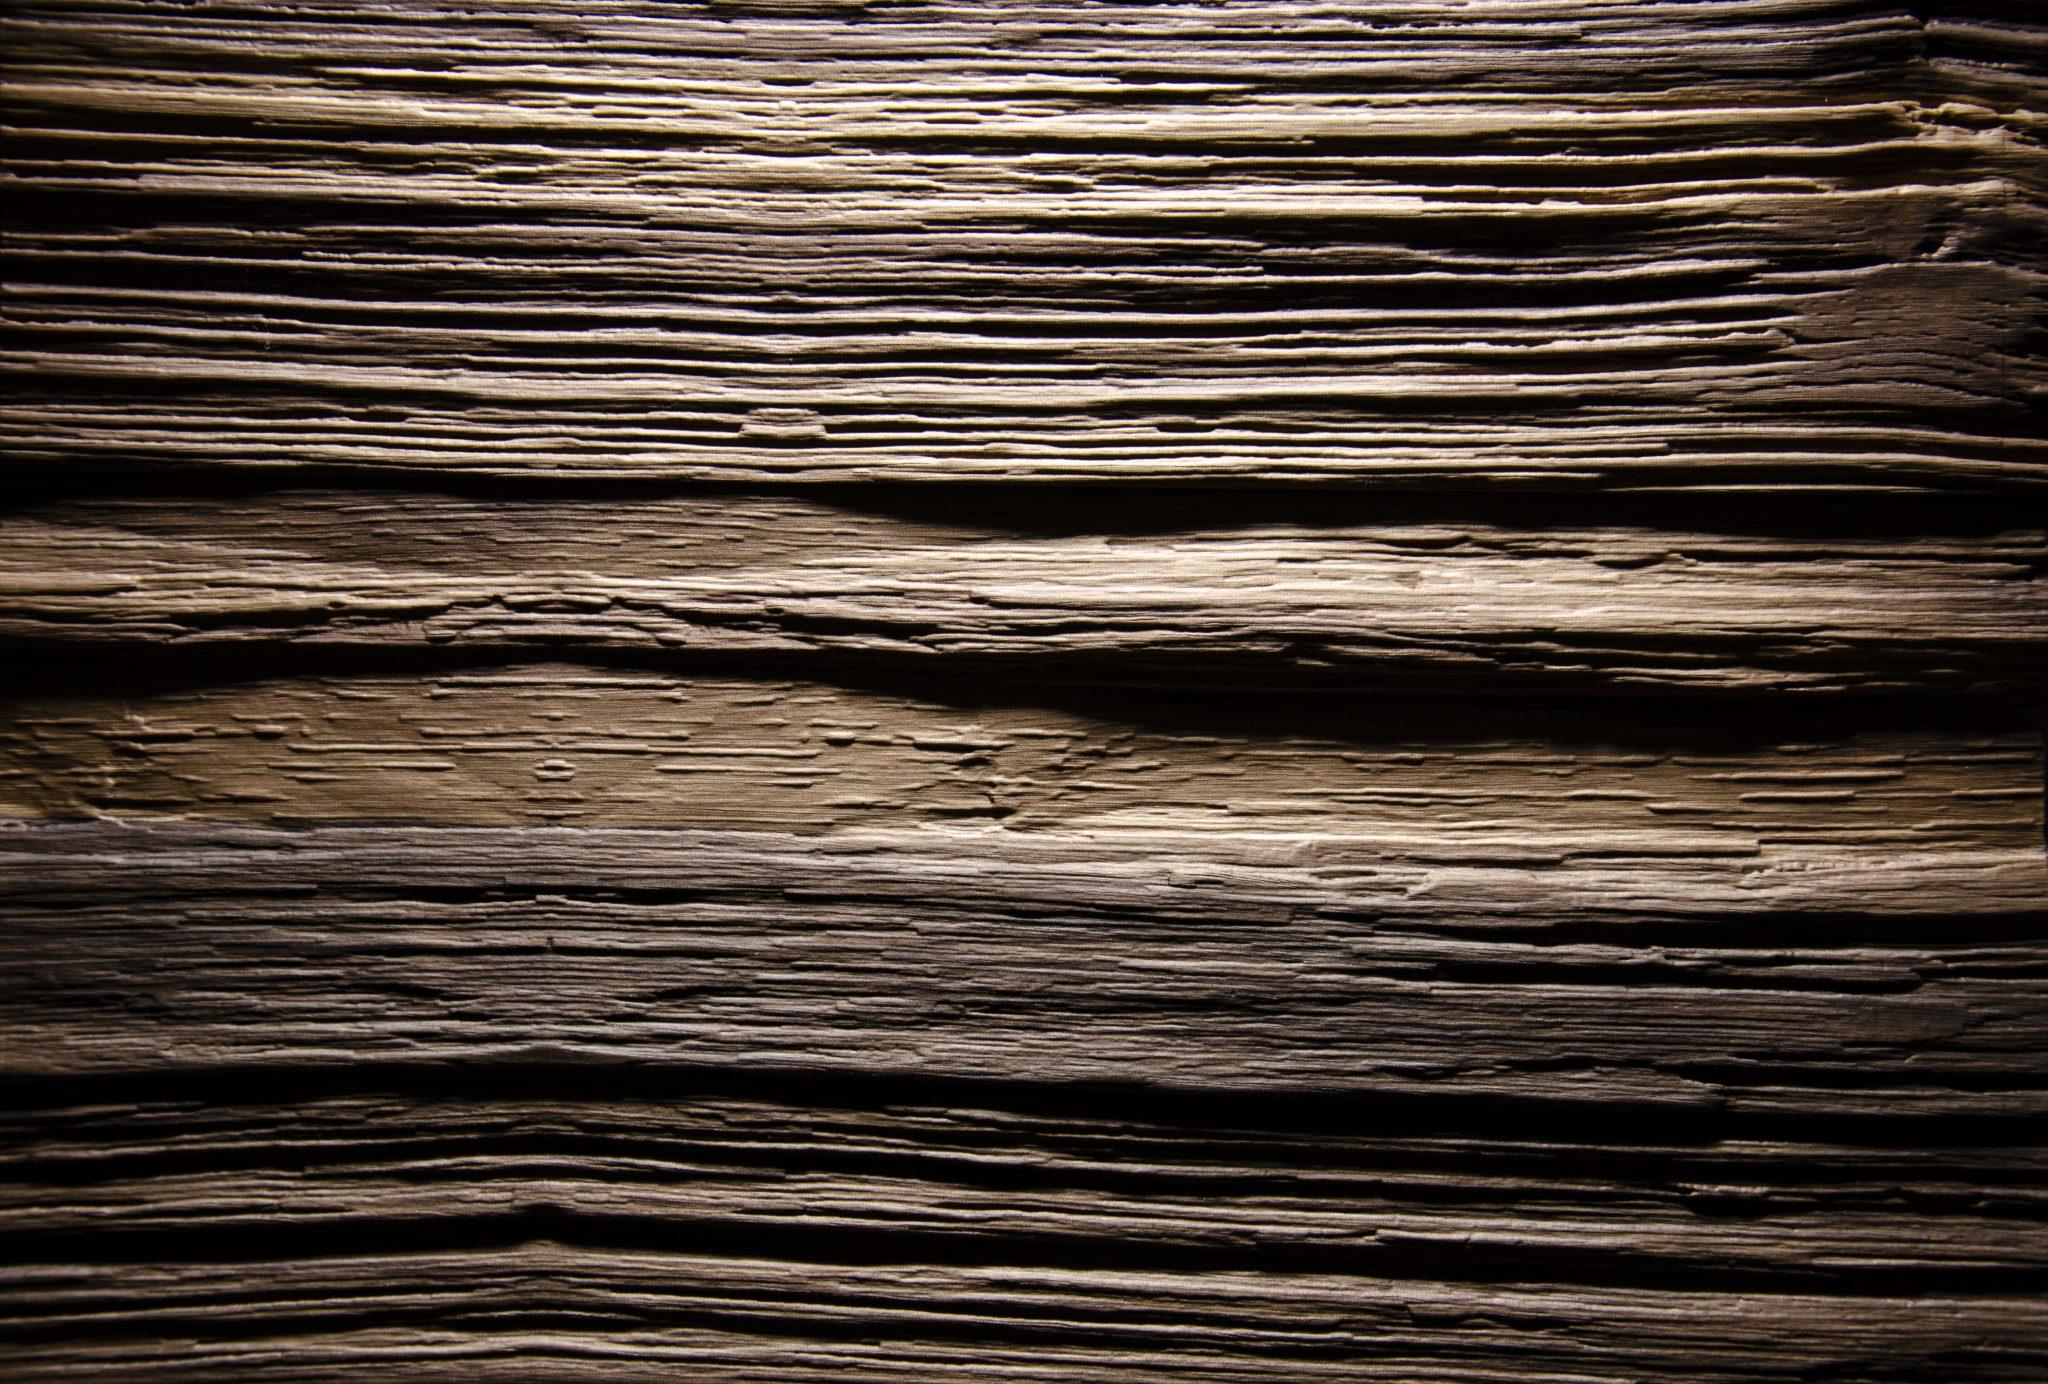 2468 - SPALT - Nußbaum Antik - Echtholzfurnier